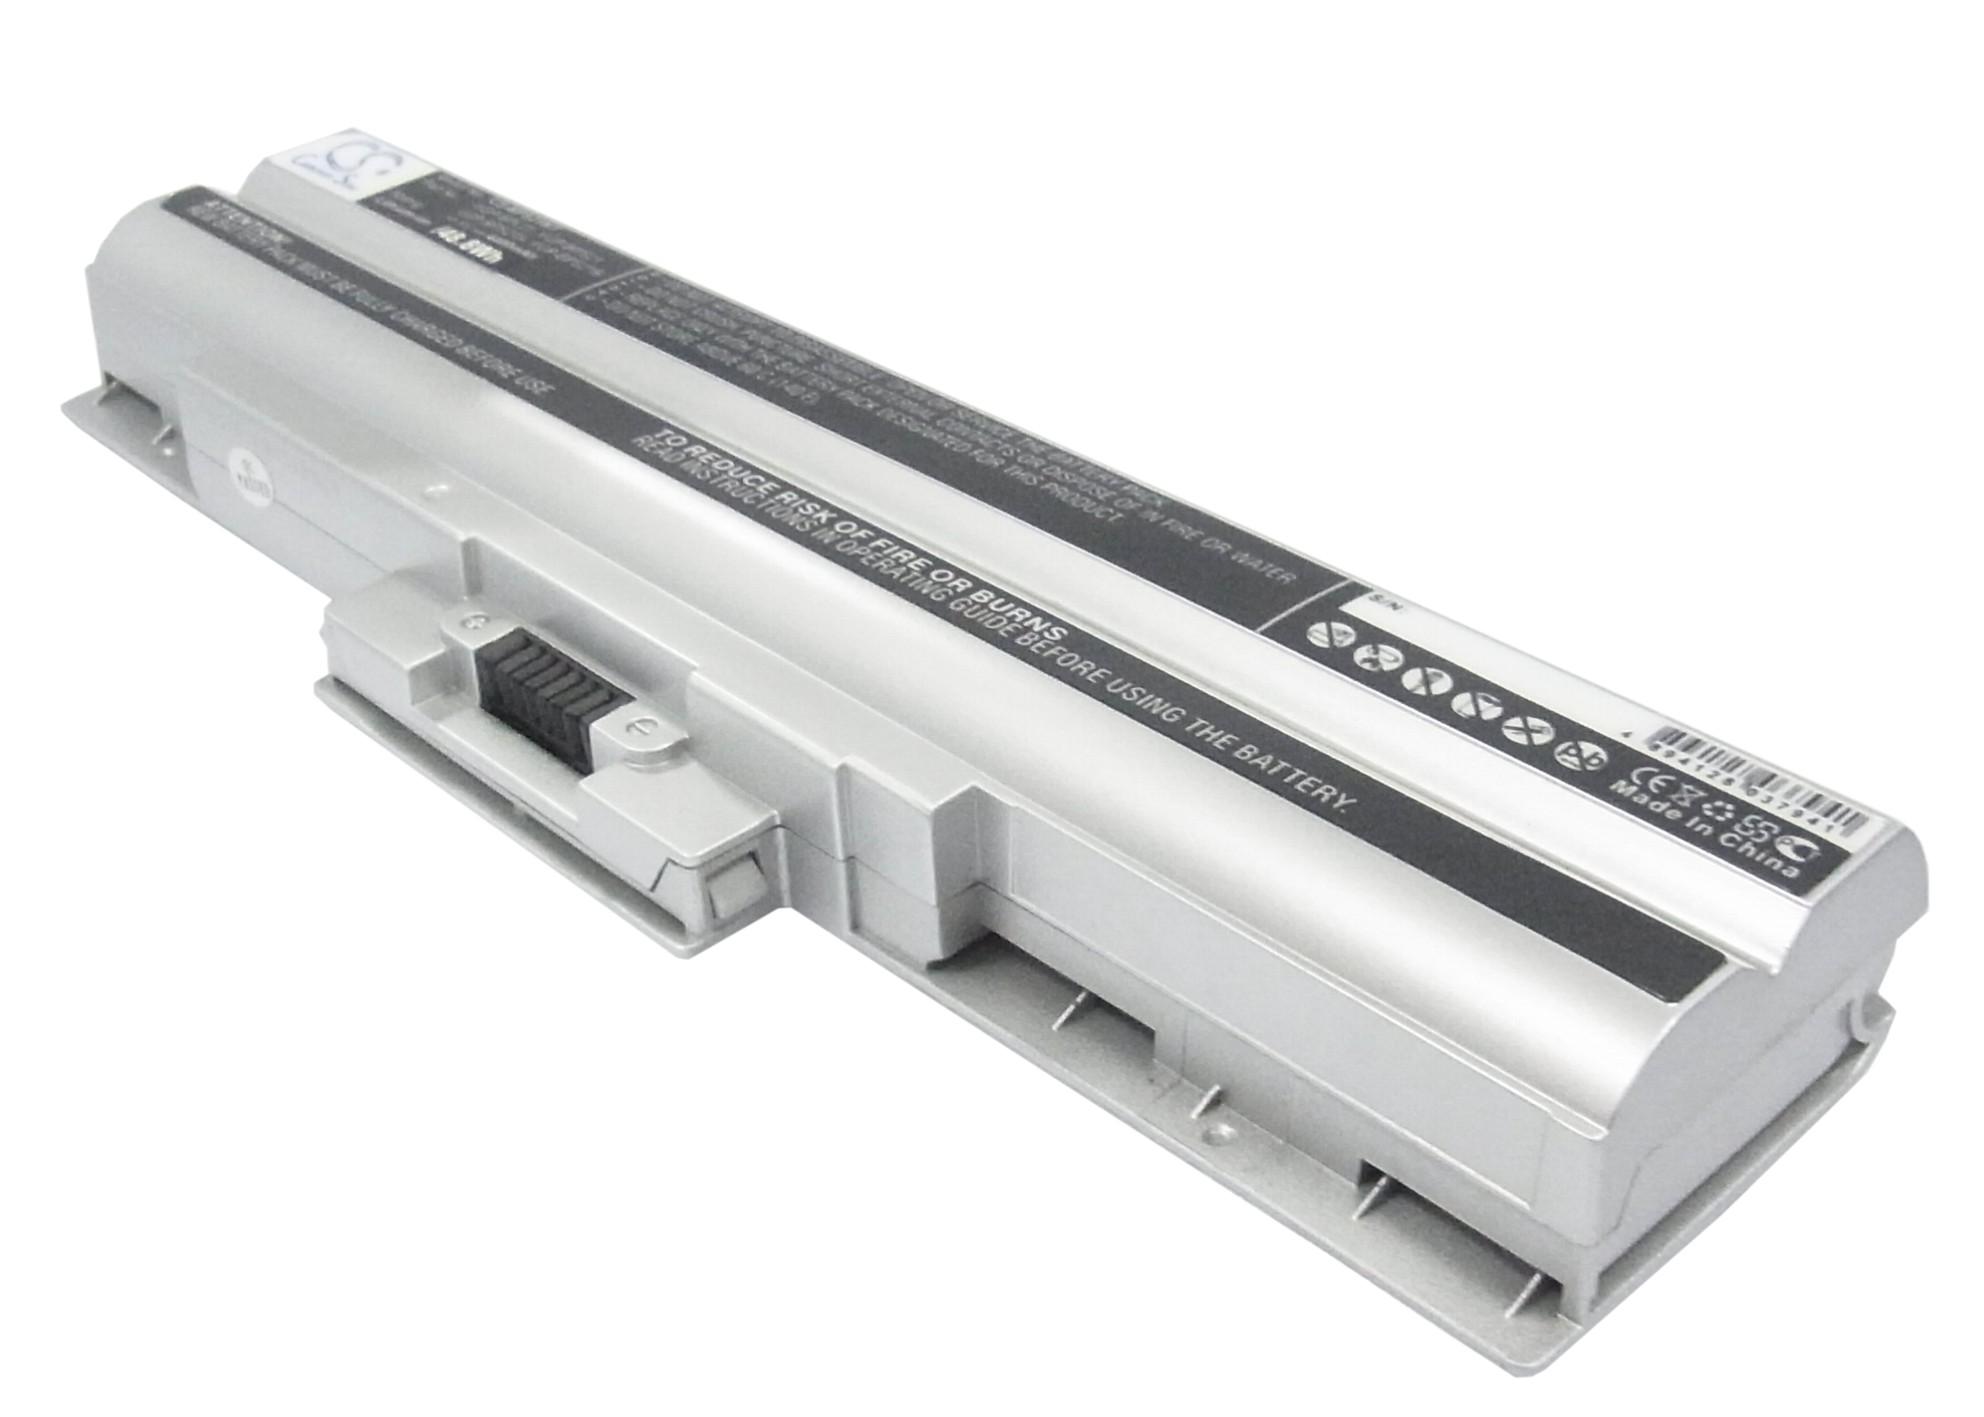 Cameron Sino baterie do notebooků pro SONY VAIO VGN-FW32J 11.1V Li-ion 4400mAh stříbrná - neoriginální